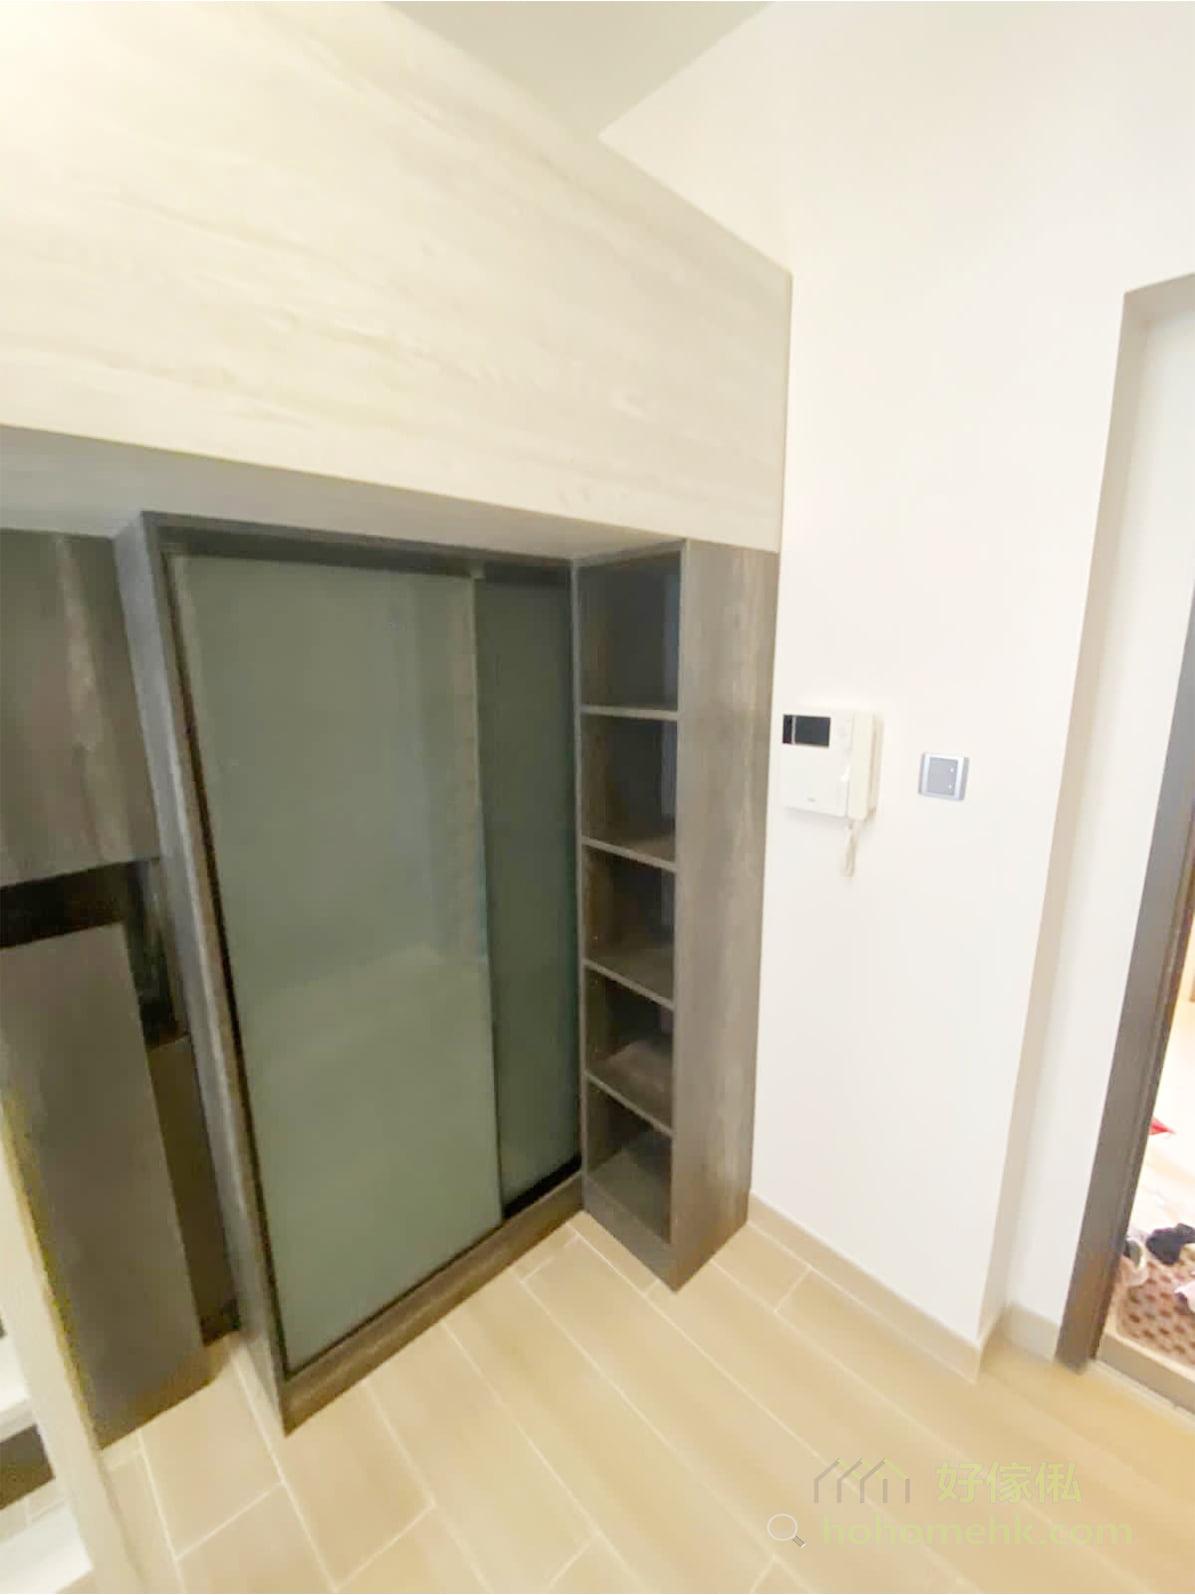 開放式層架與中空櫃設計可以擔當玄關櫃的作用,出門前及回家後用來擺放外出的隨身物品和手袋、背包等,東西不會隨處亂丟,自然可以保留家裡各空間的整潔度